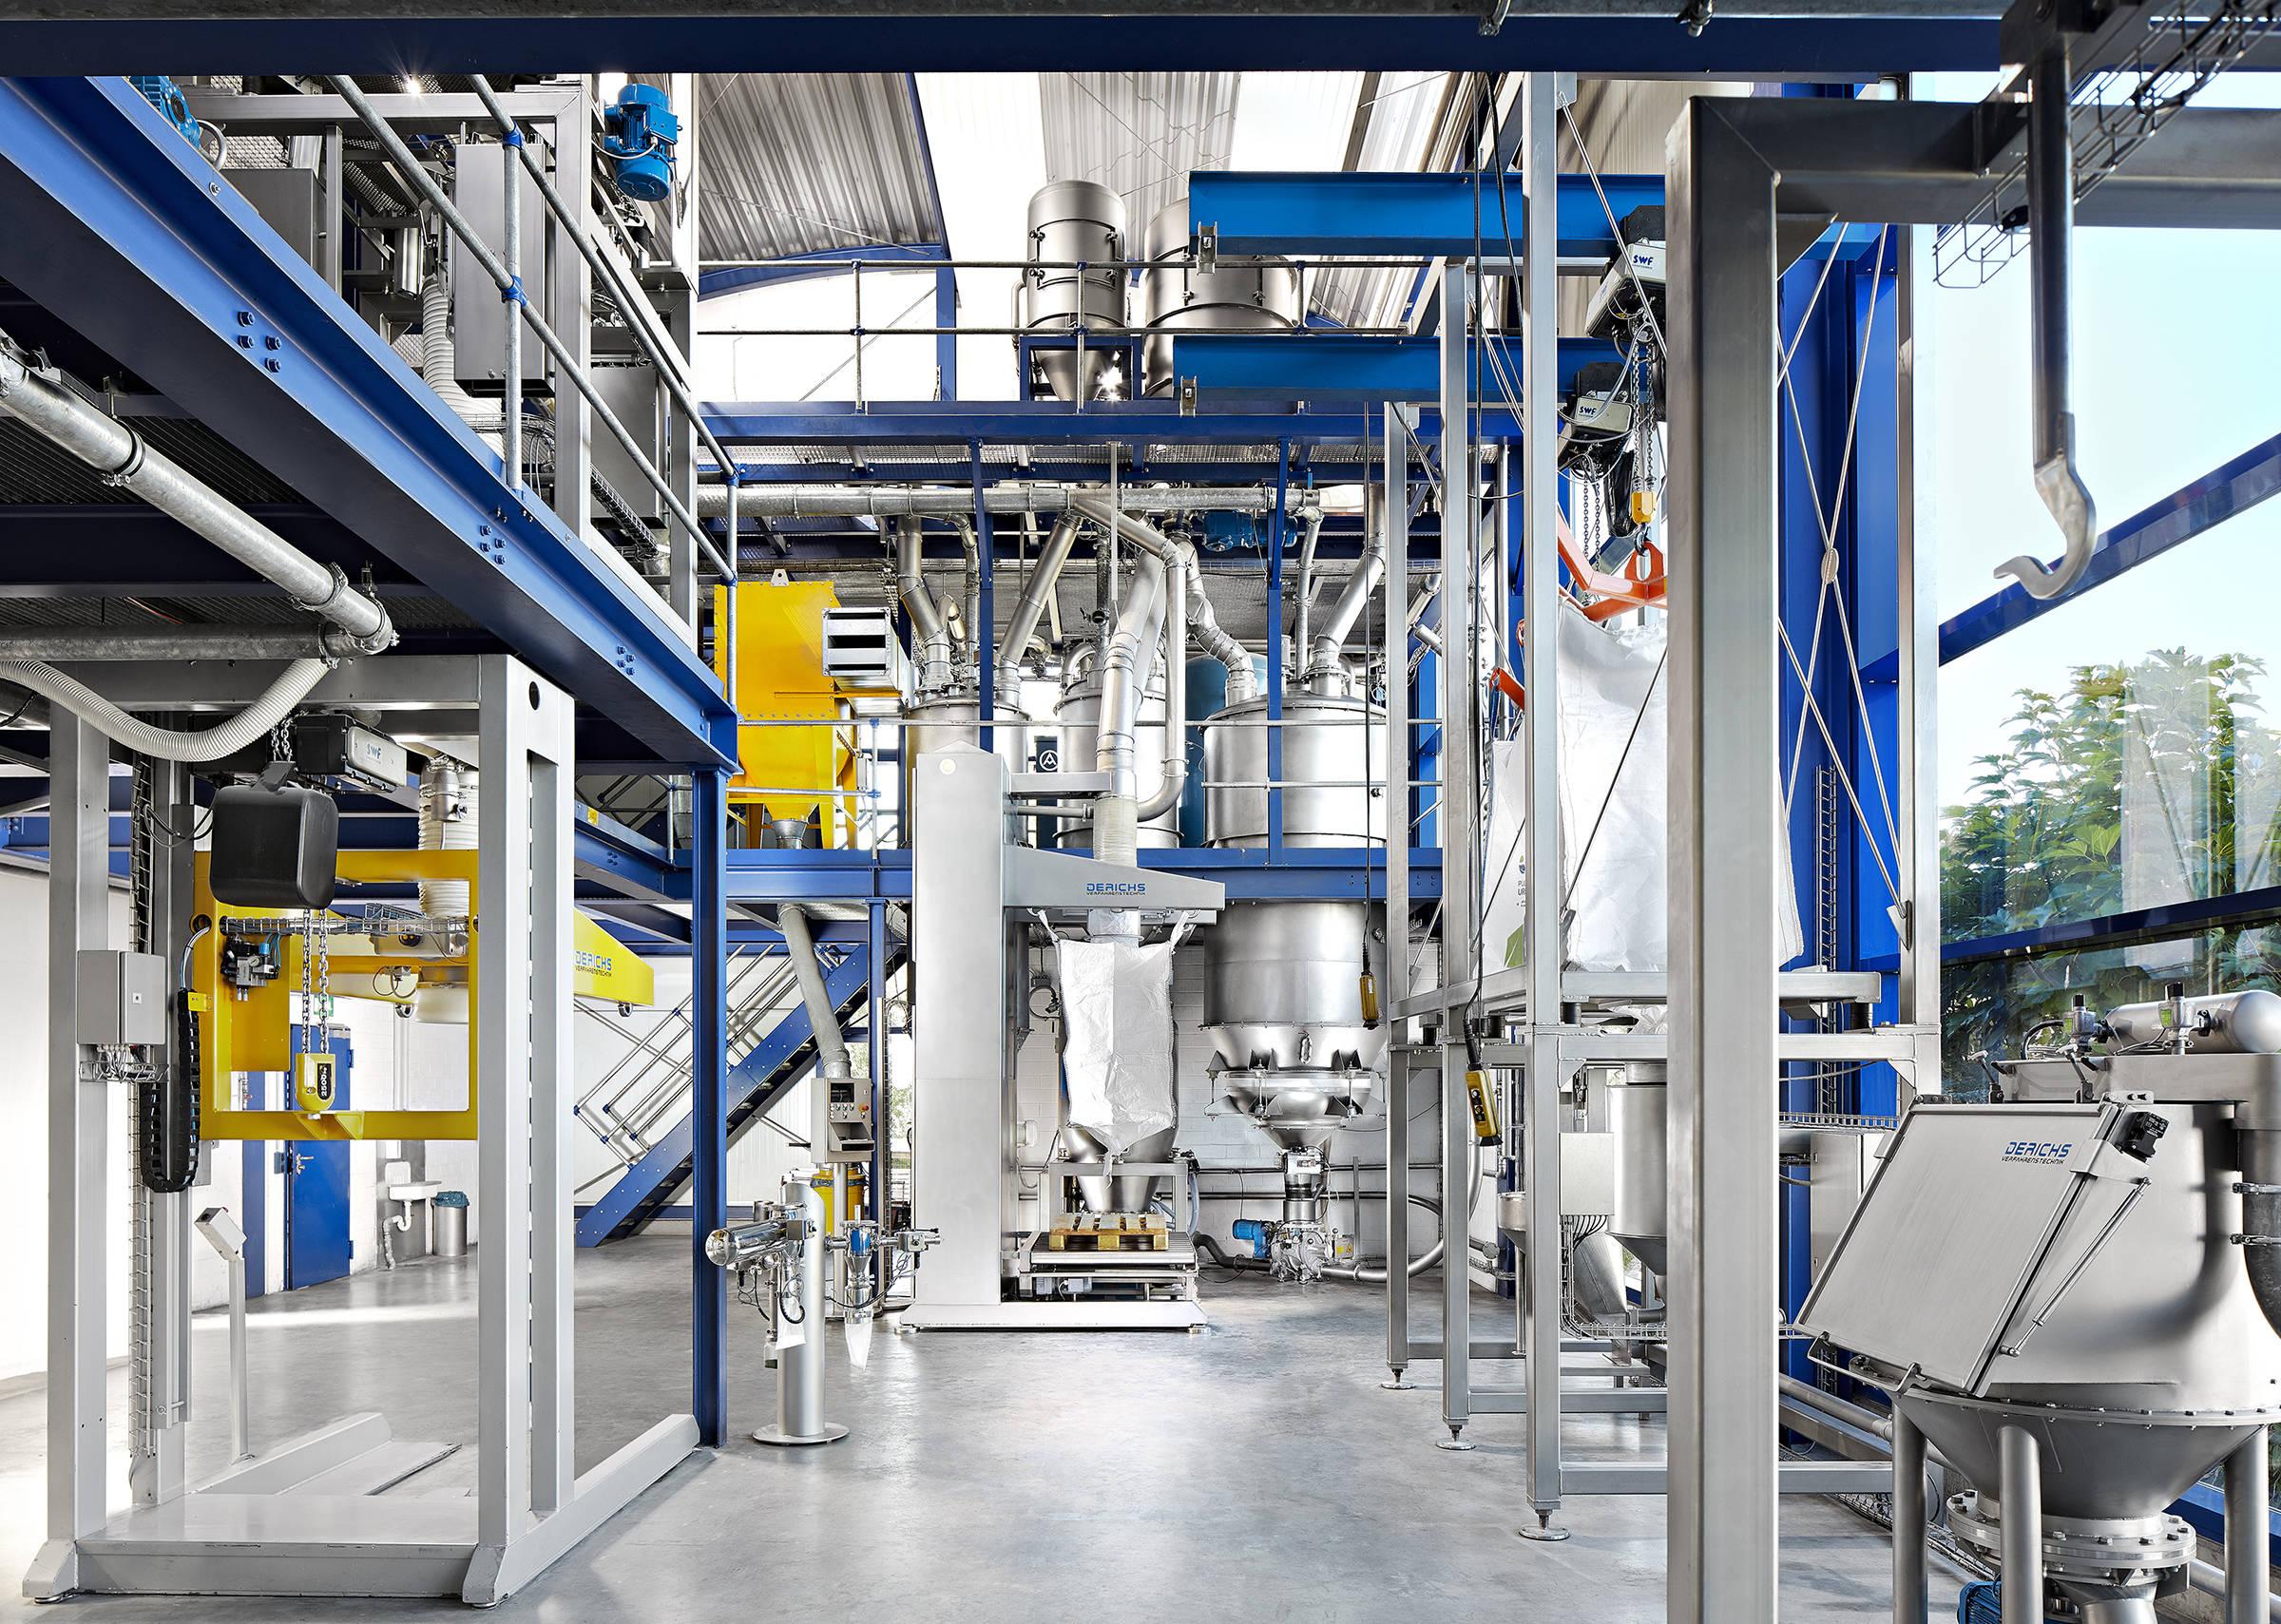 Technikum der Derichs GmbH Verfahrenstechnik. Hier können Sie neue Prozesse und Produkte unabhängig von Ihren eigenen Produktionsabläufen individuell in unseren dafür speziell eingerichteten Technikum zu testen.